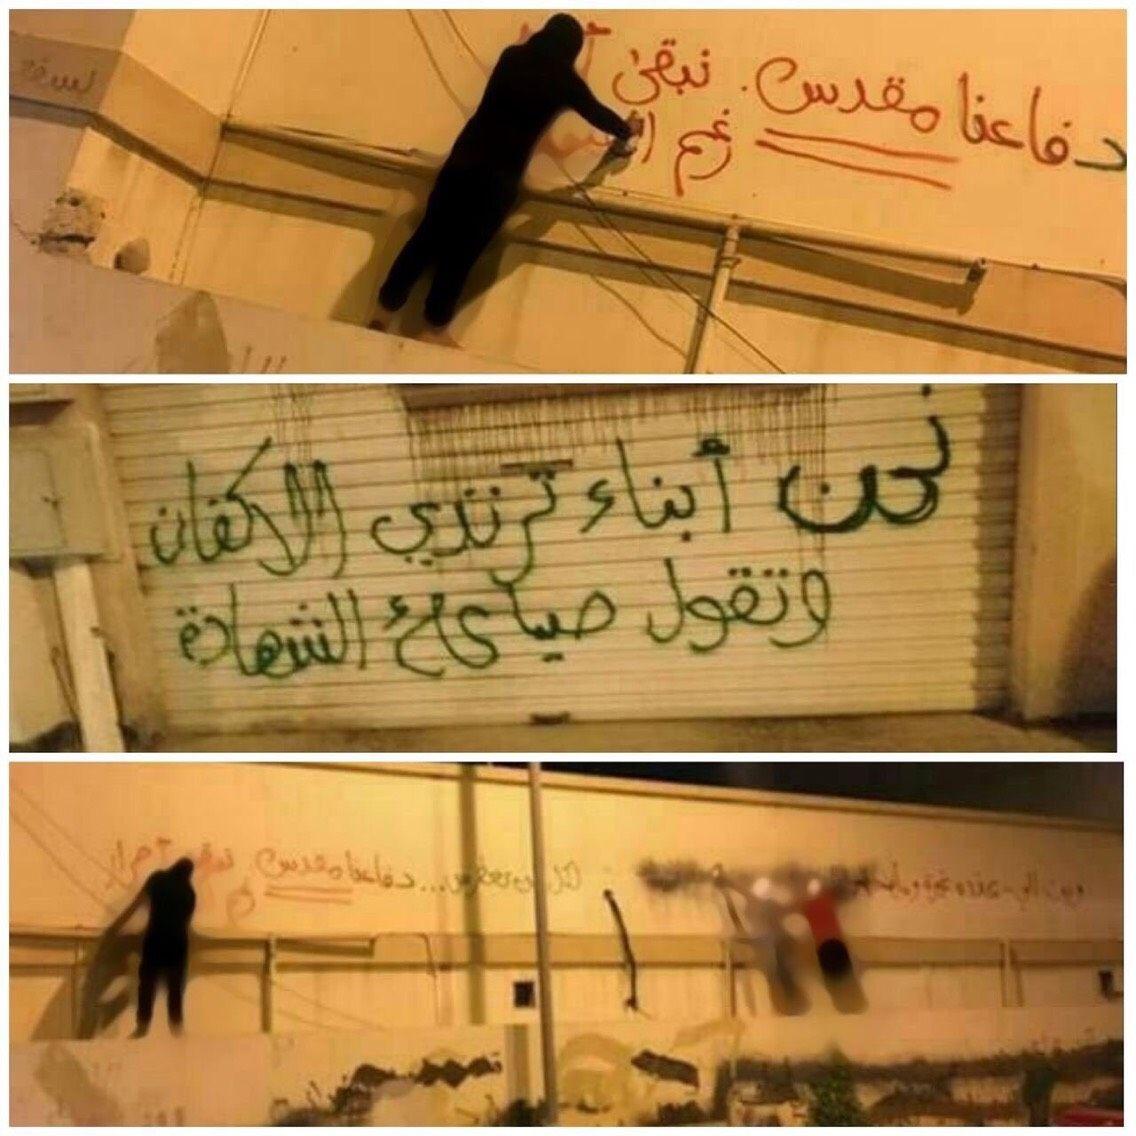 صحيفة الأحرار بكرباباد تزدان بالشعارات الثوريّة